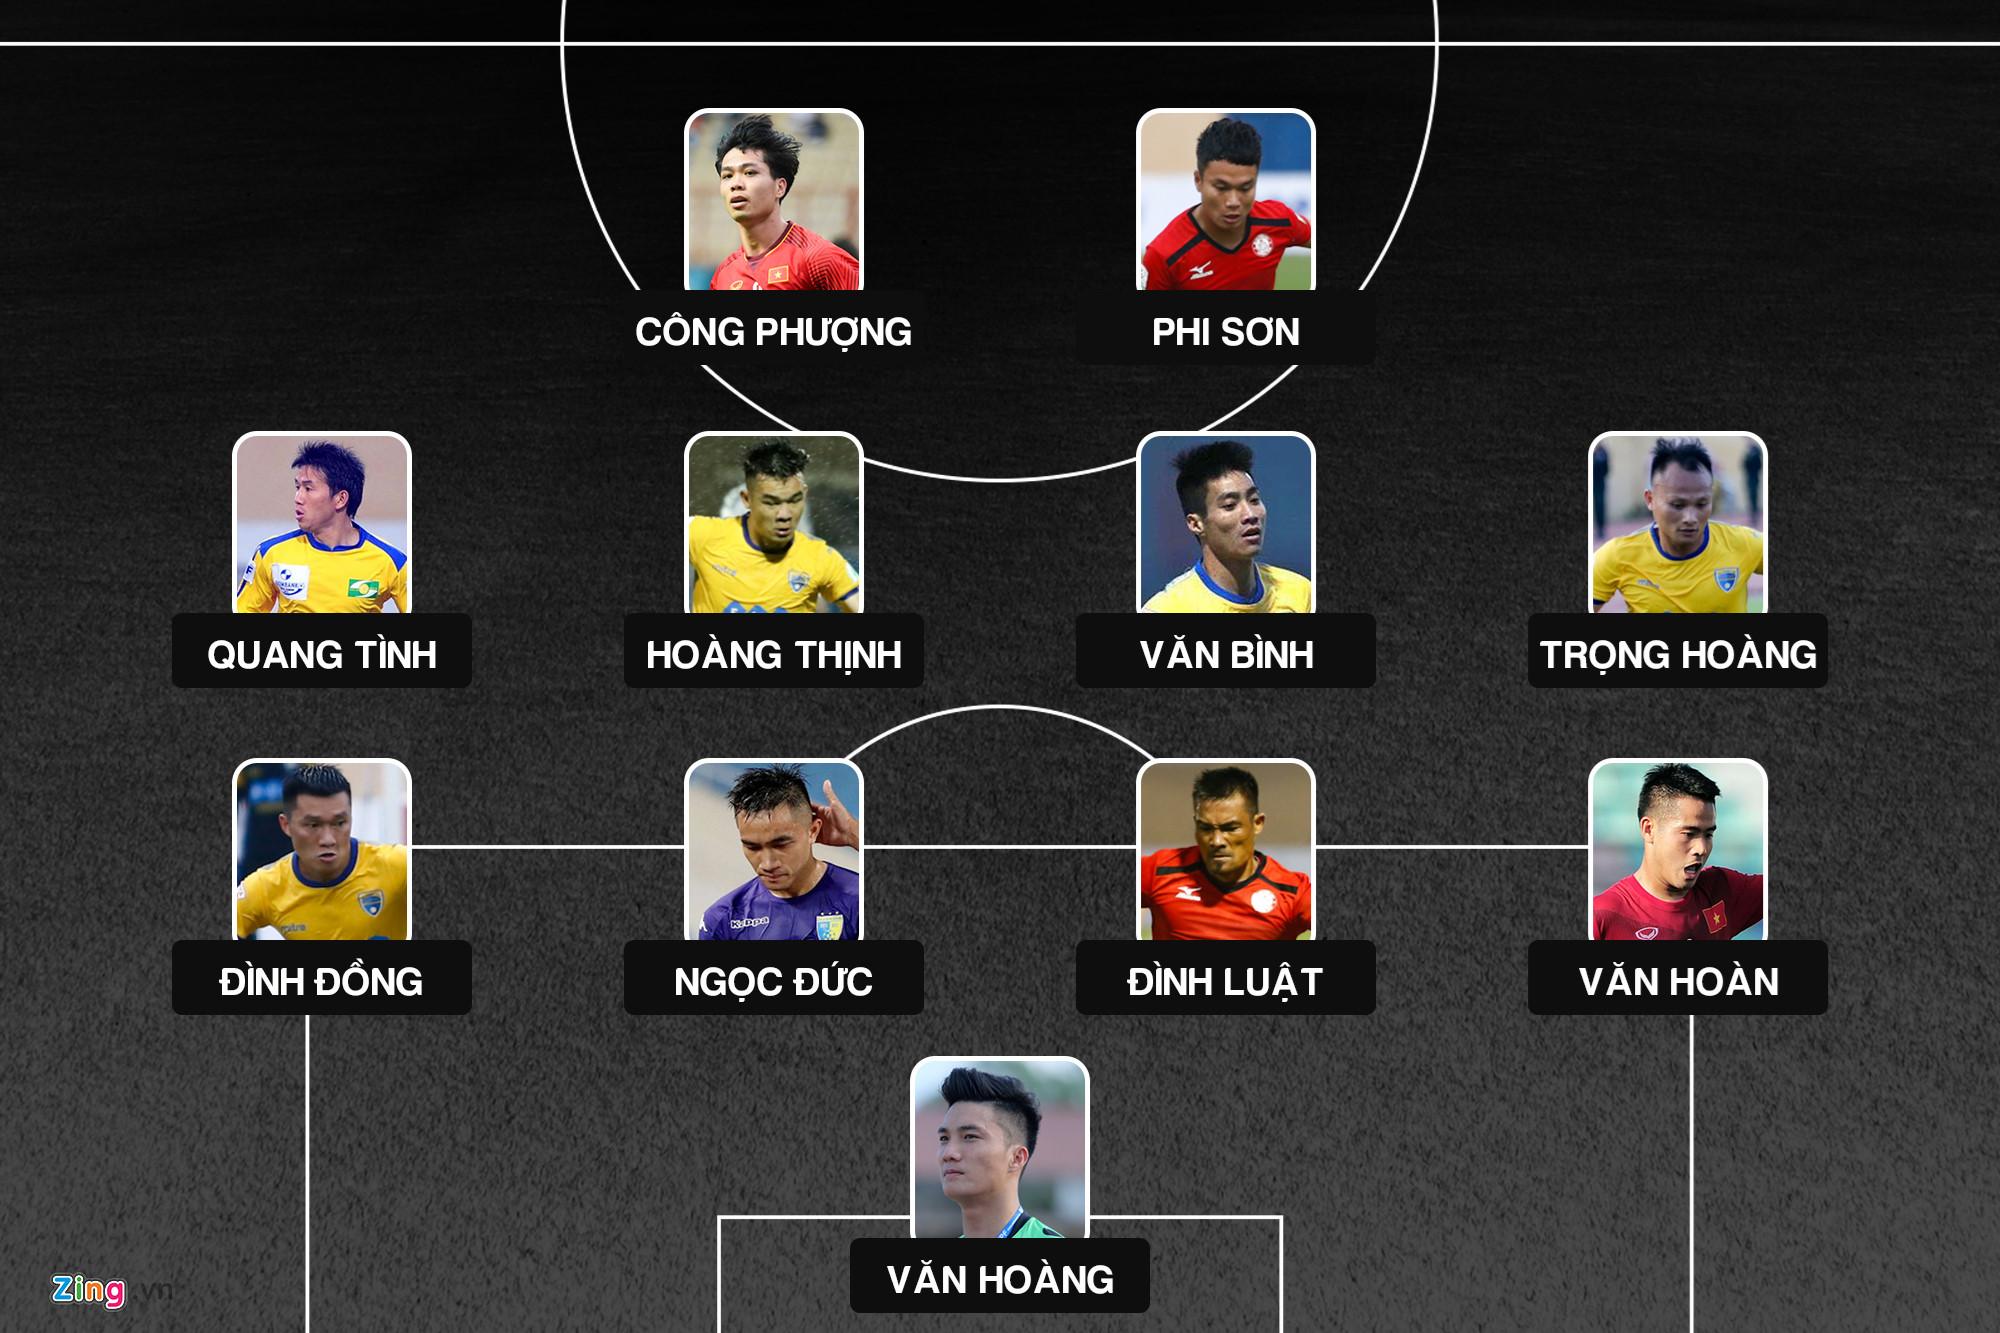 Công Phượng, Phi Sơn và đội hình sao gốc Nghệ khuynh đảo V.League Ảnh 13